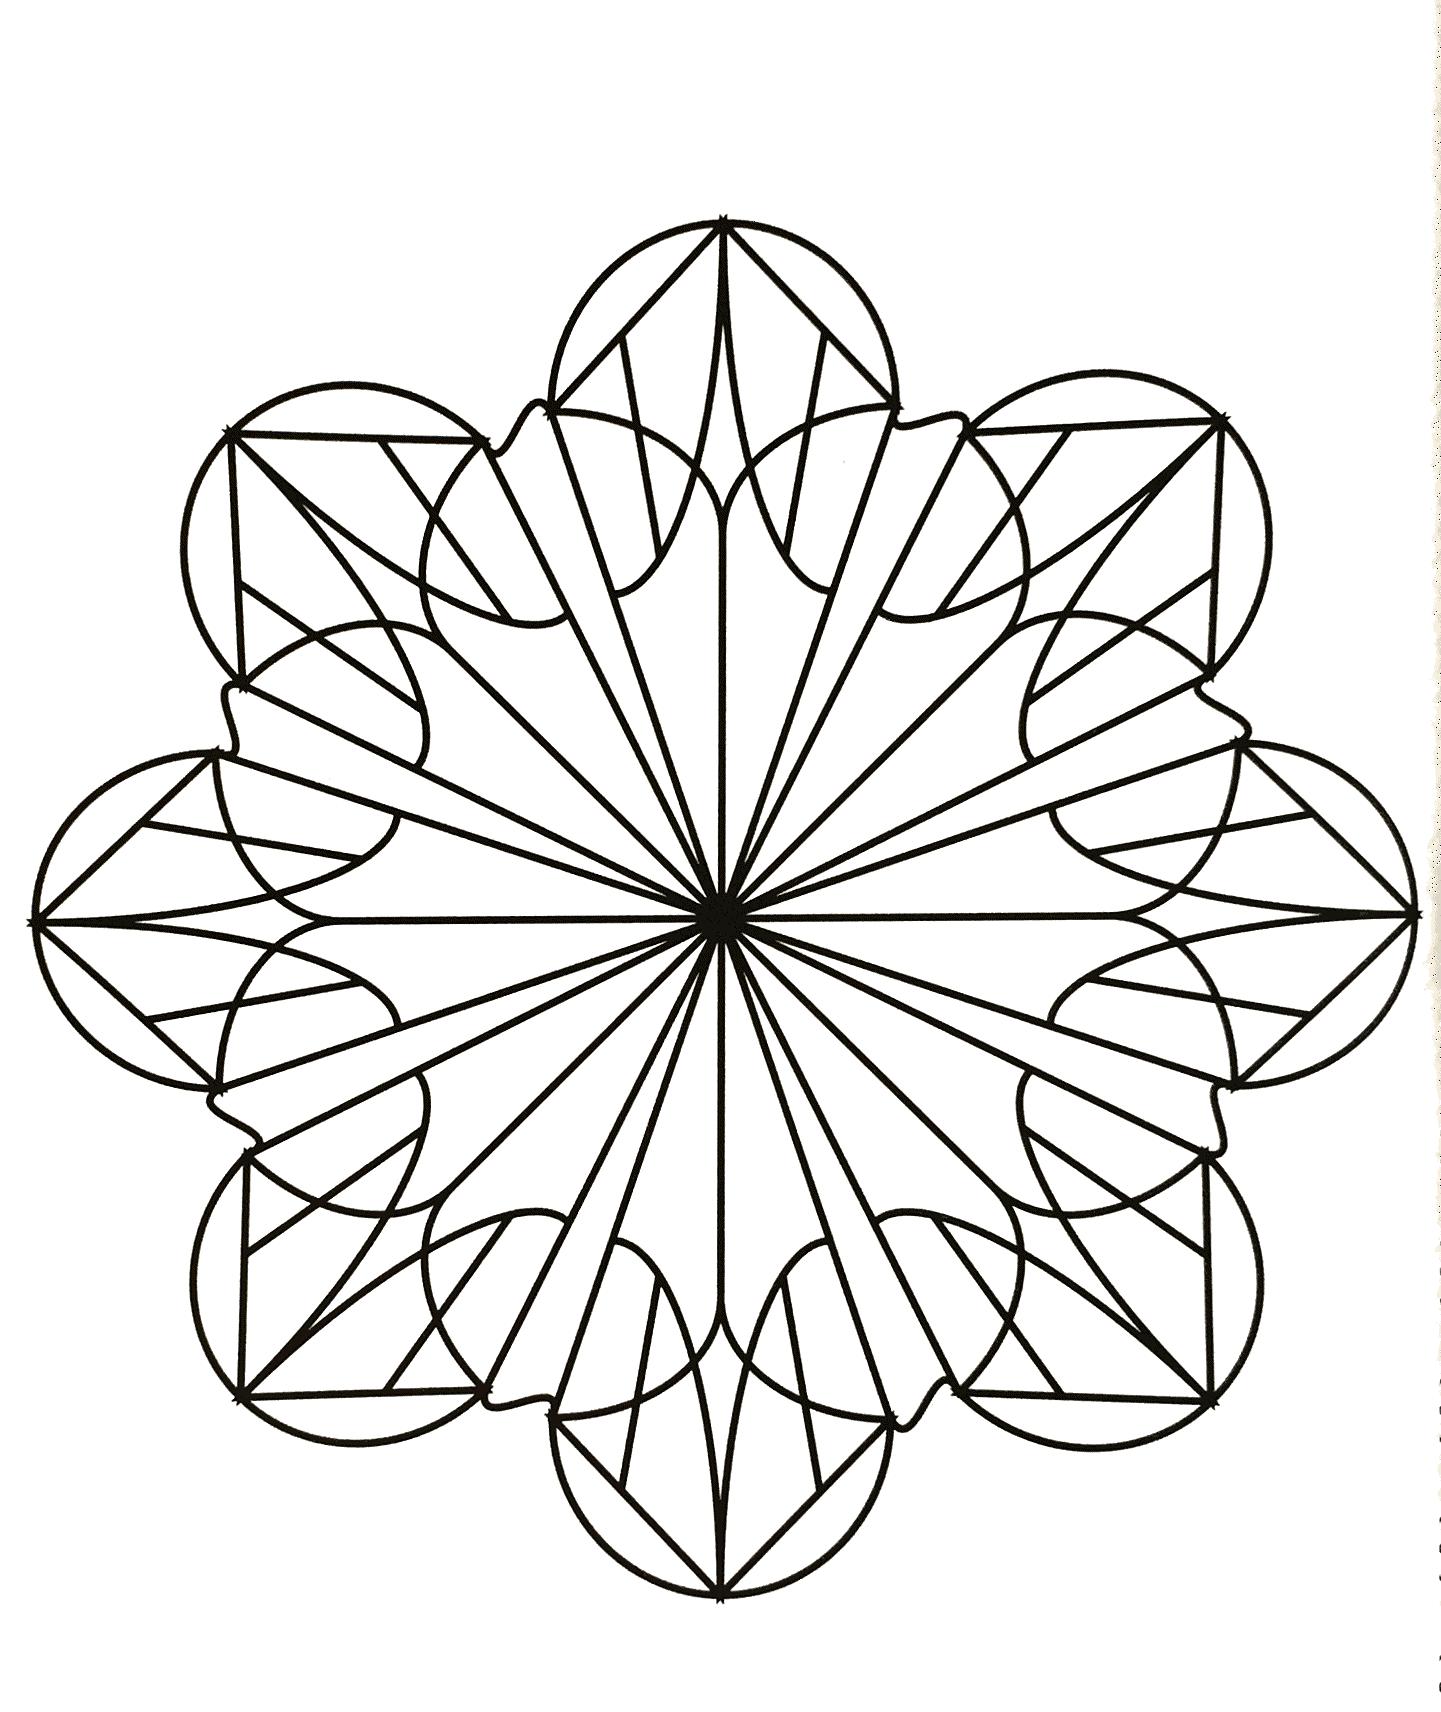 Free mandalas page mandalasgeometrictoprint colouring